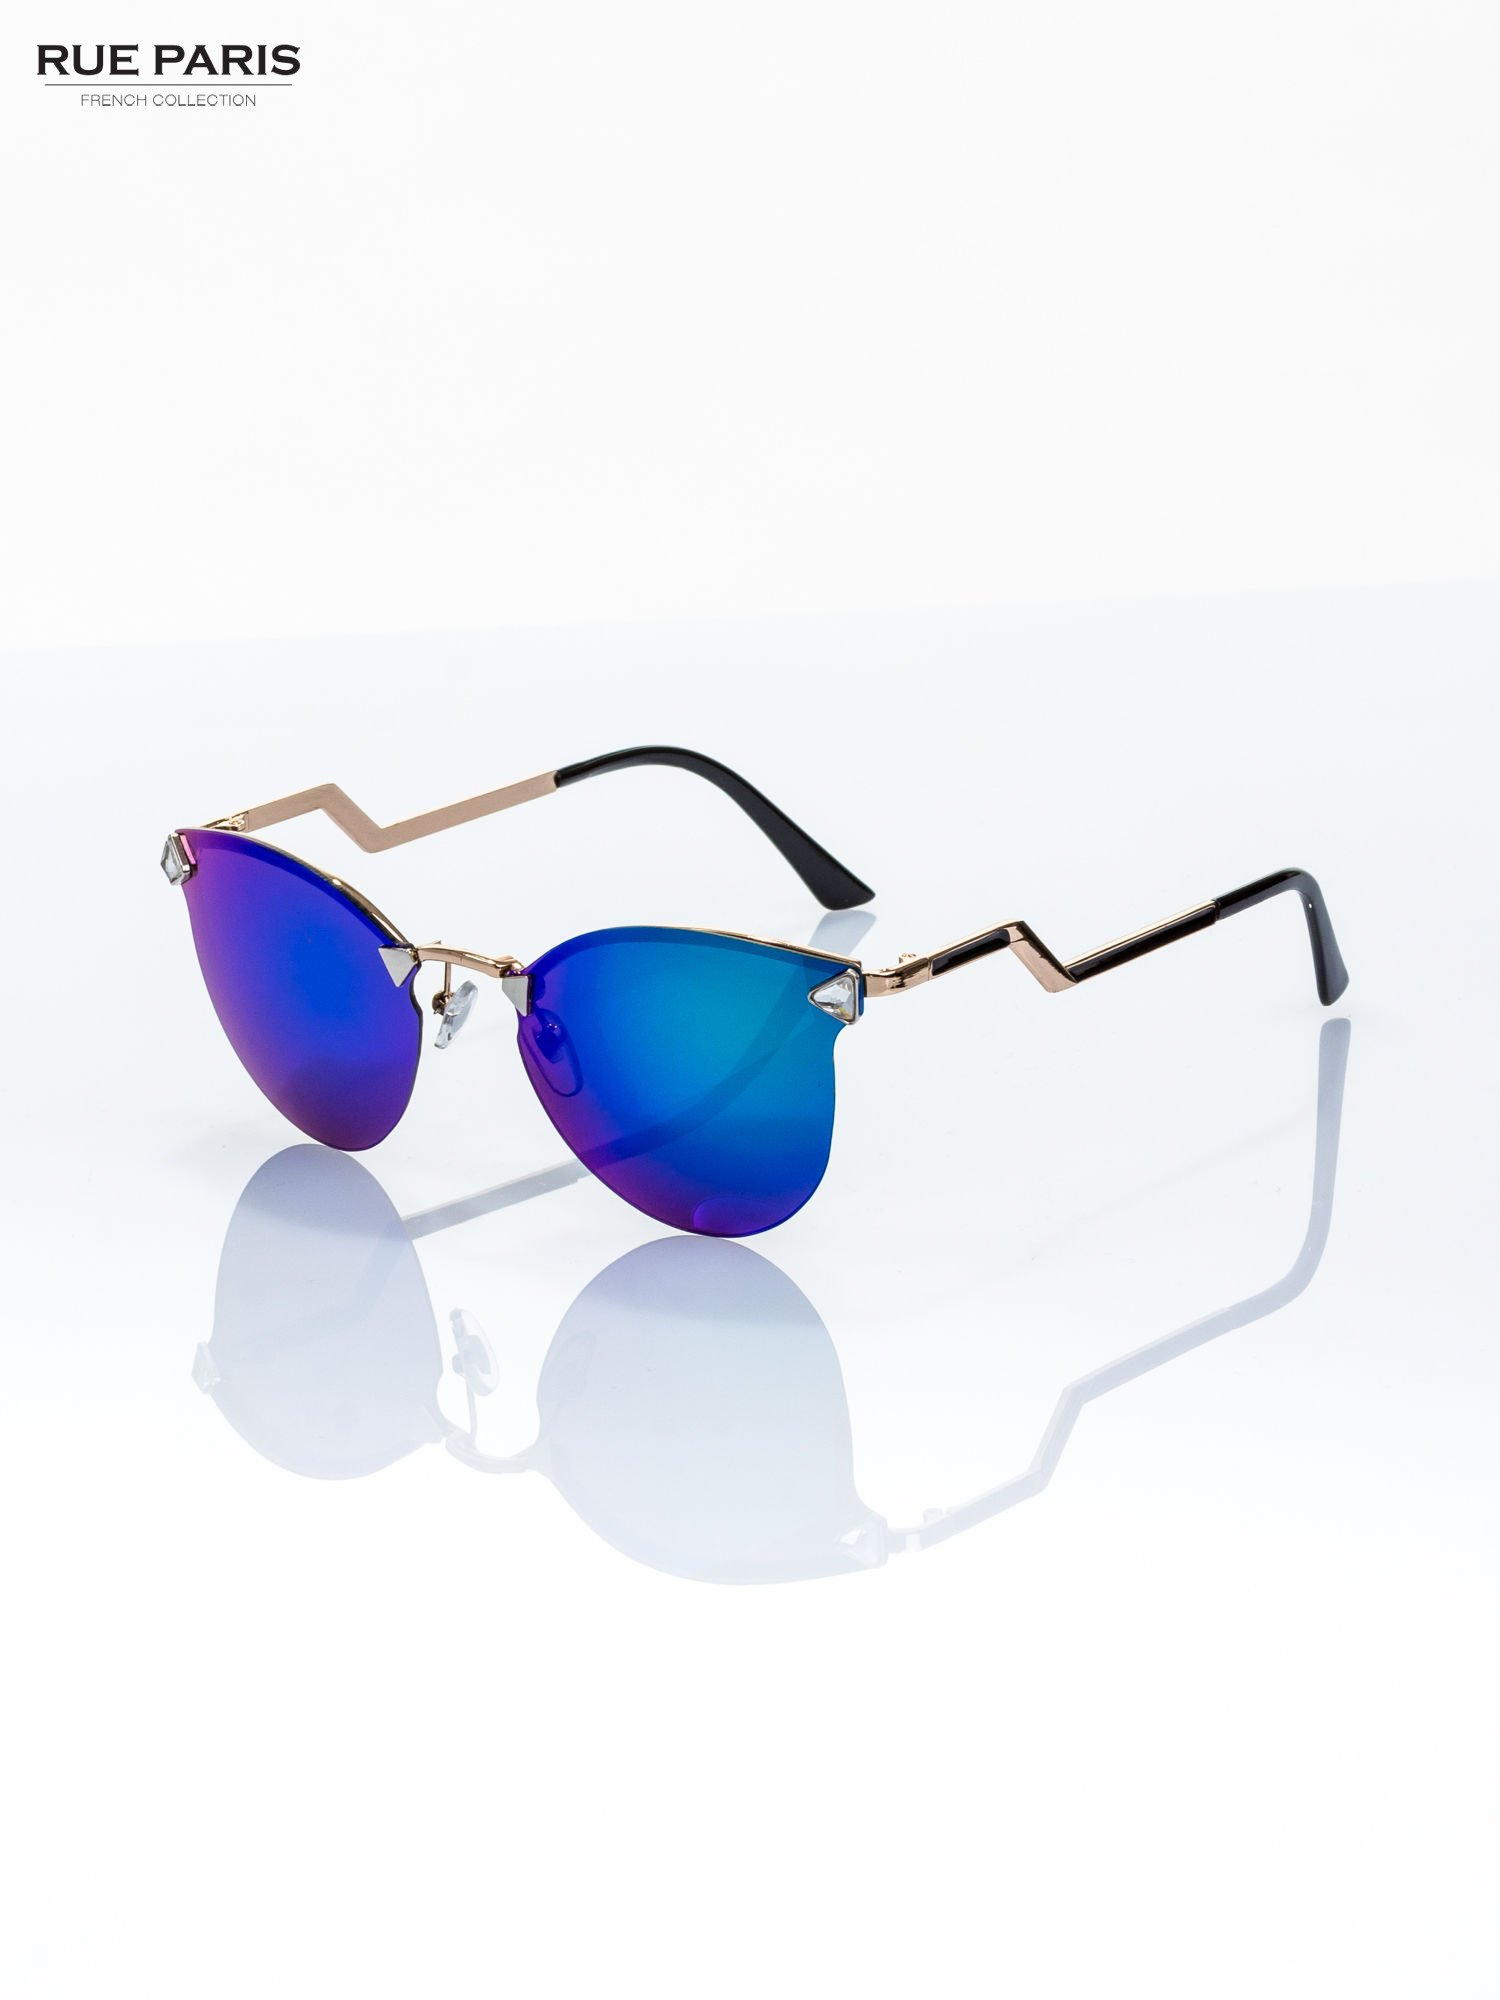 744e69fb9dd33 Niebiesko-zielone okulary przeciwsłoneczne stylizowane na FENDI - Akcesoria  okulary przeciwsłoneczne - sklep eButik.pl